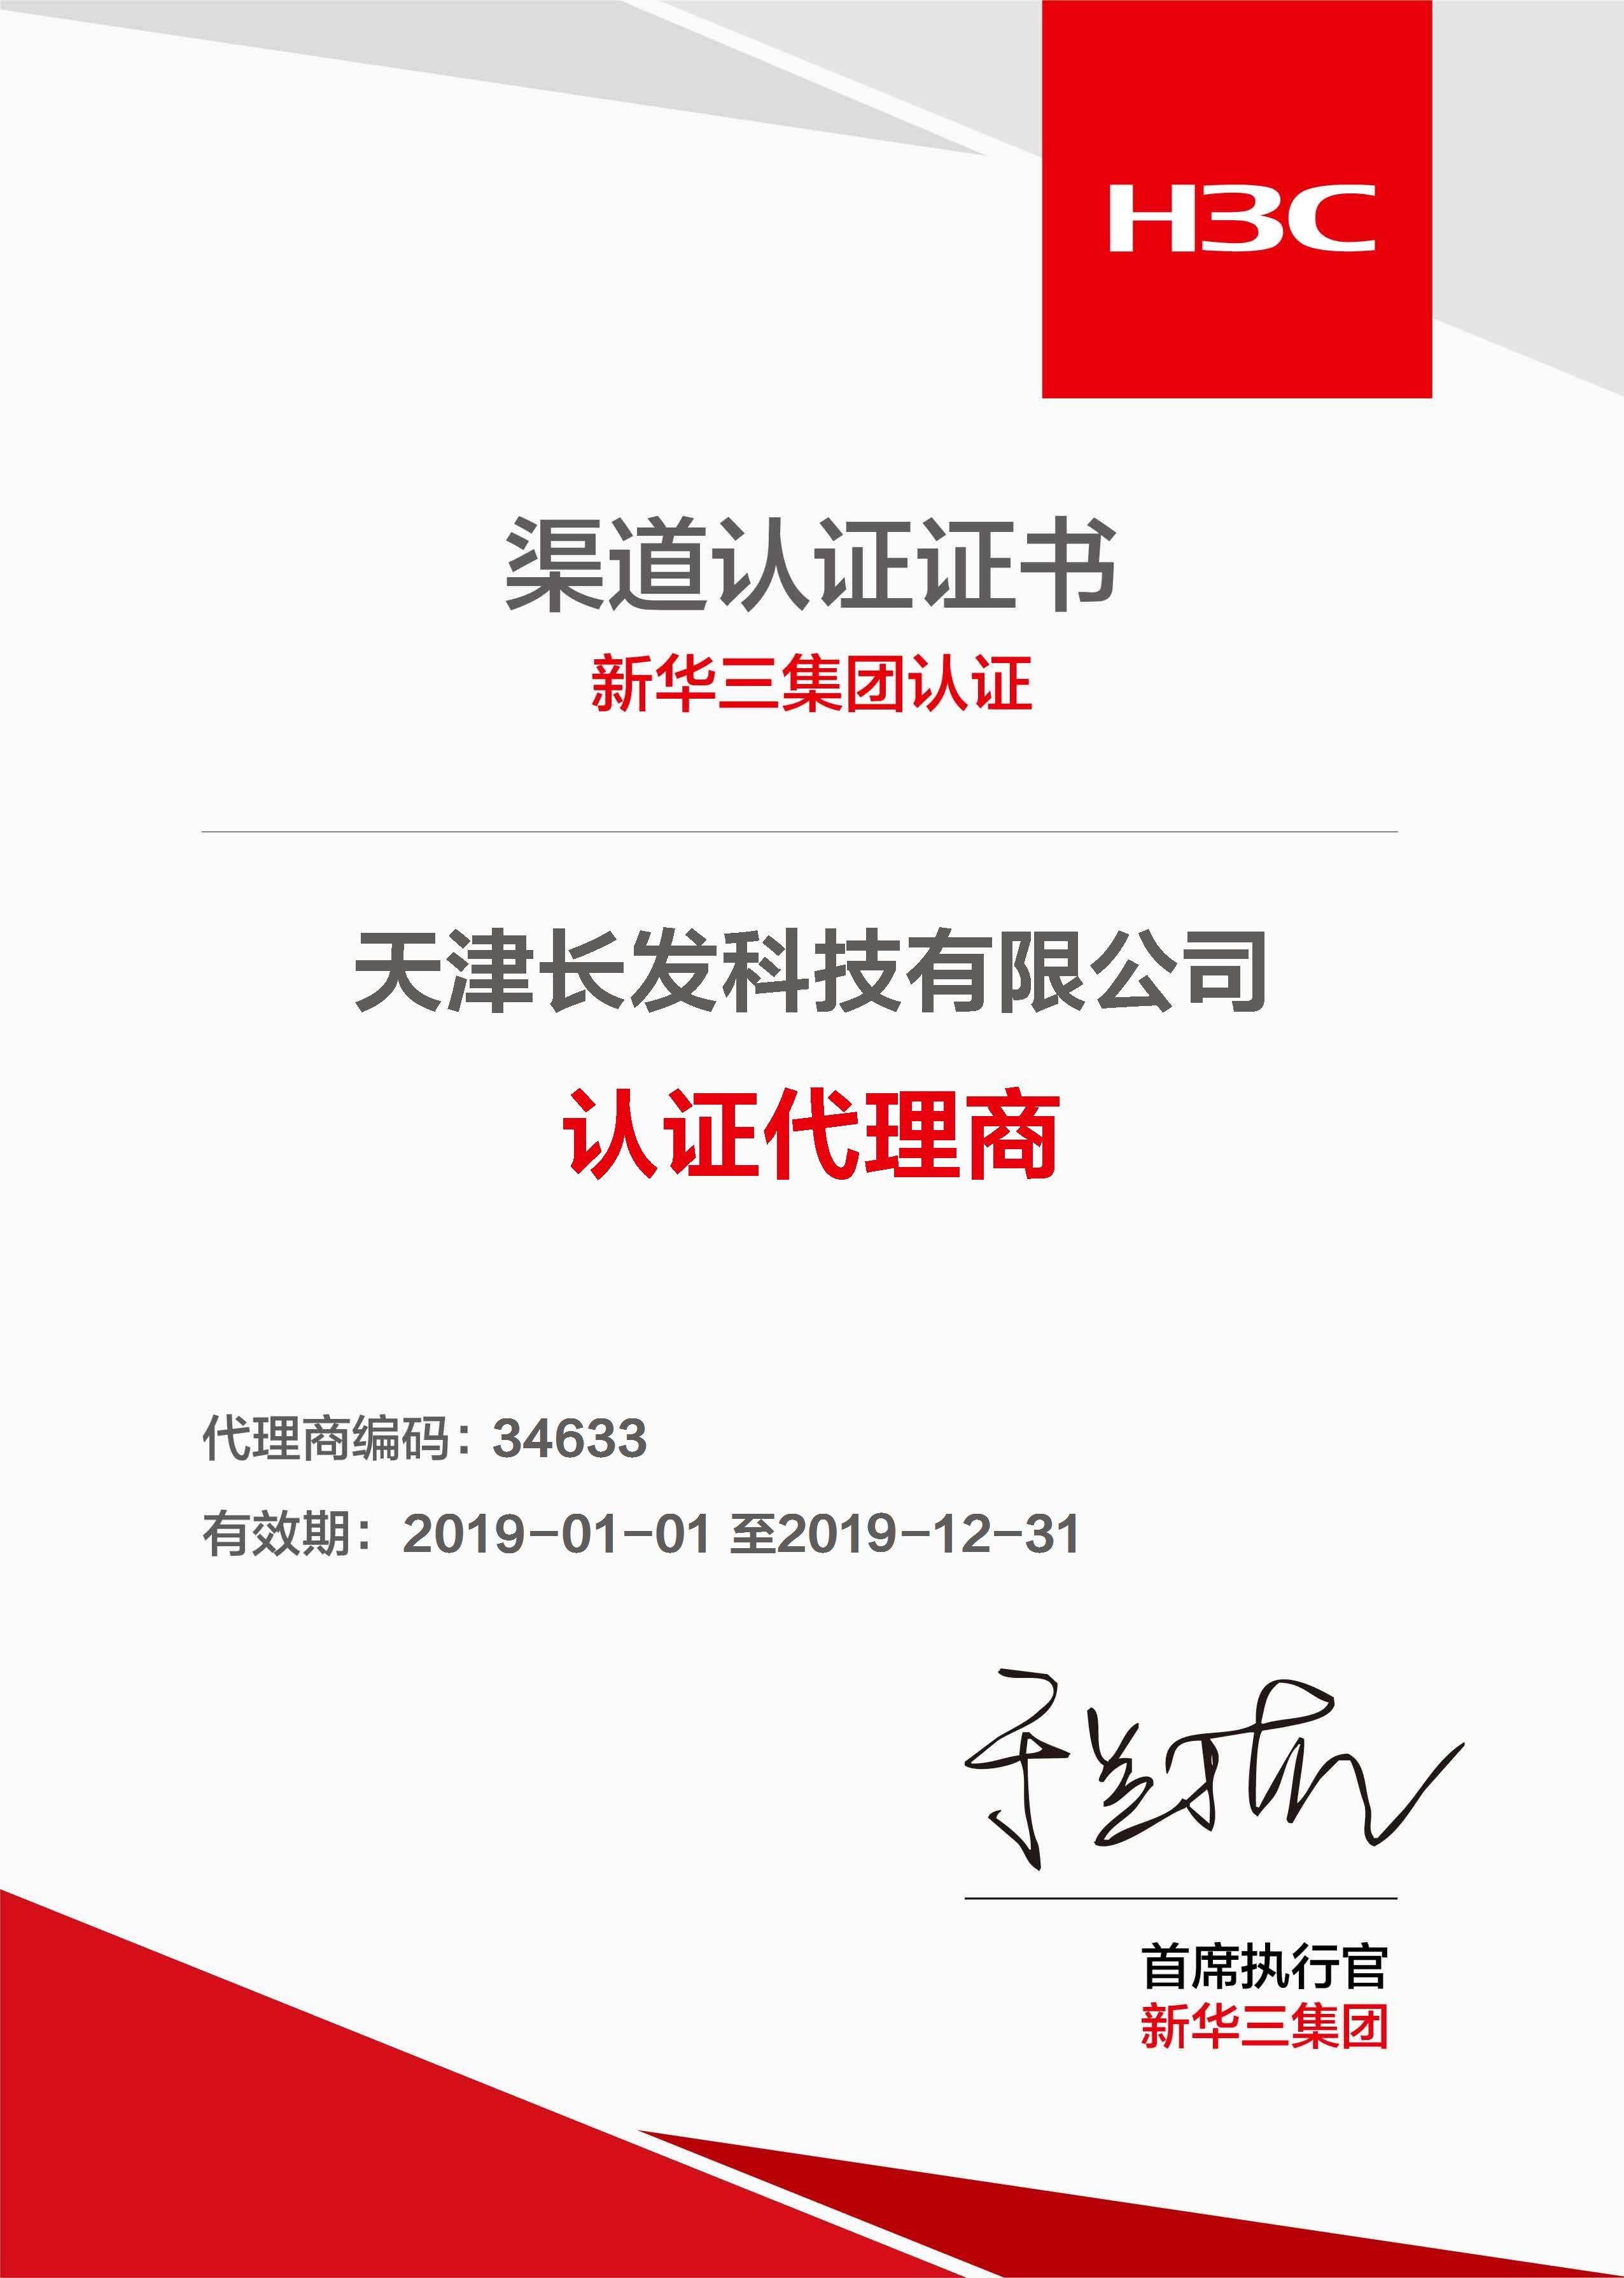 H3C认证代理商